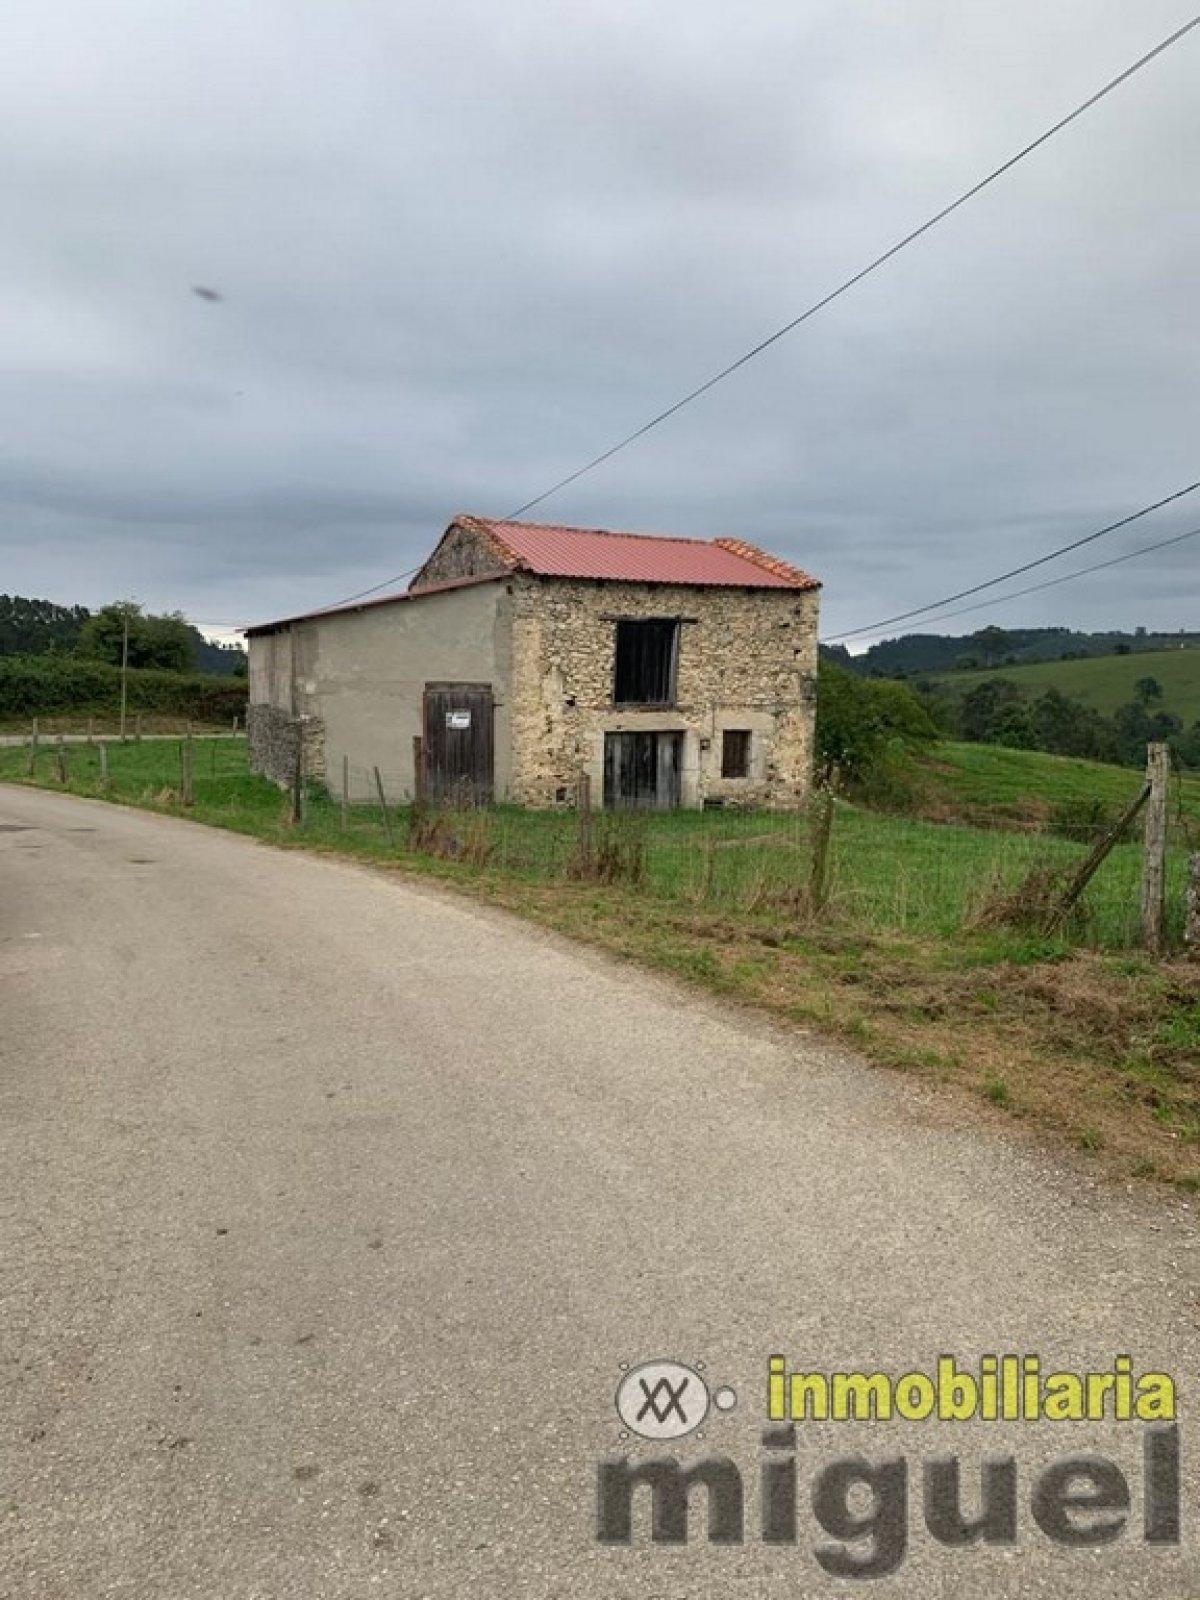 (V2026) V2026 Se vende conjunto de cuadra, pajar y parcela urbana en Bojes, Ribadedeva